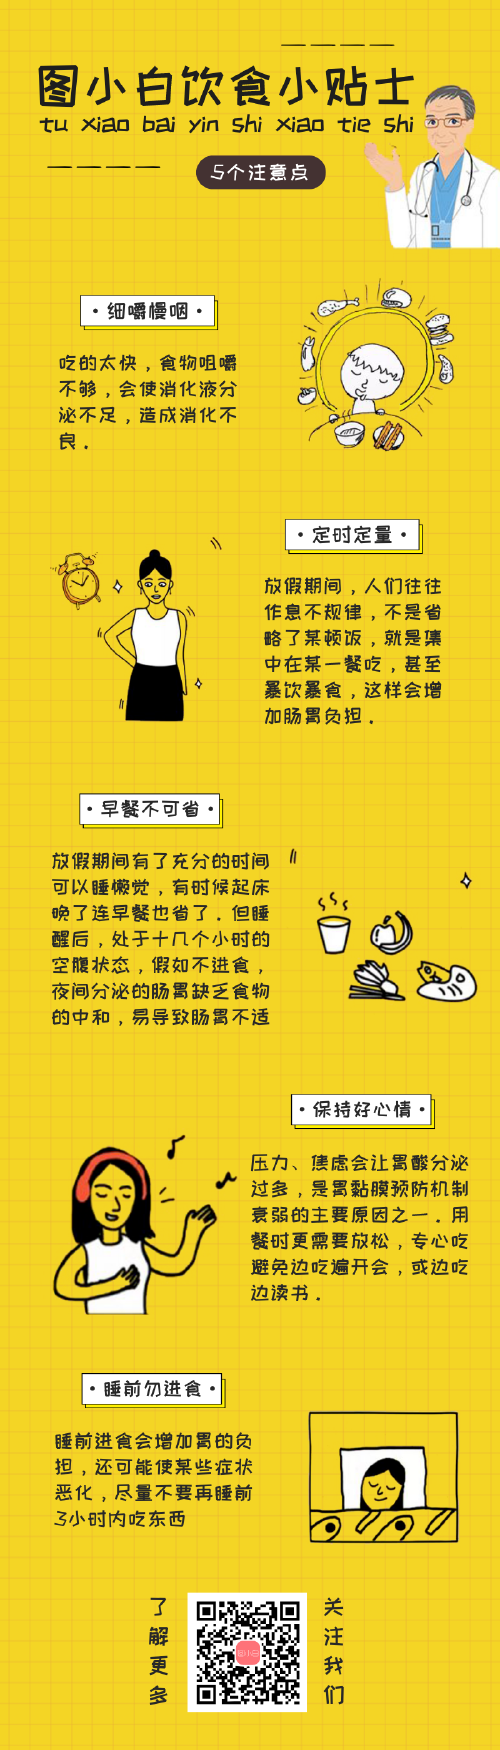 简约插画黄色饮食注意宣传长图